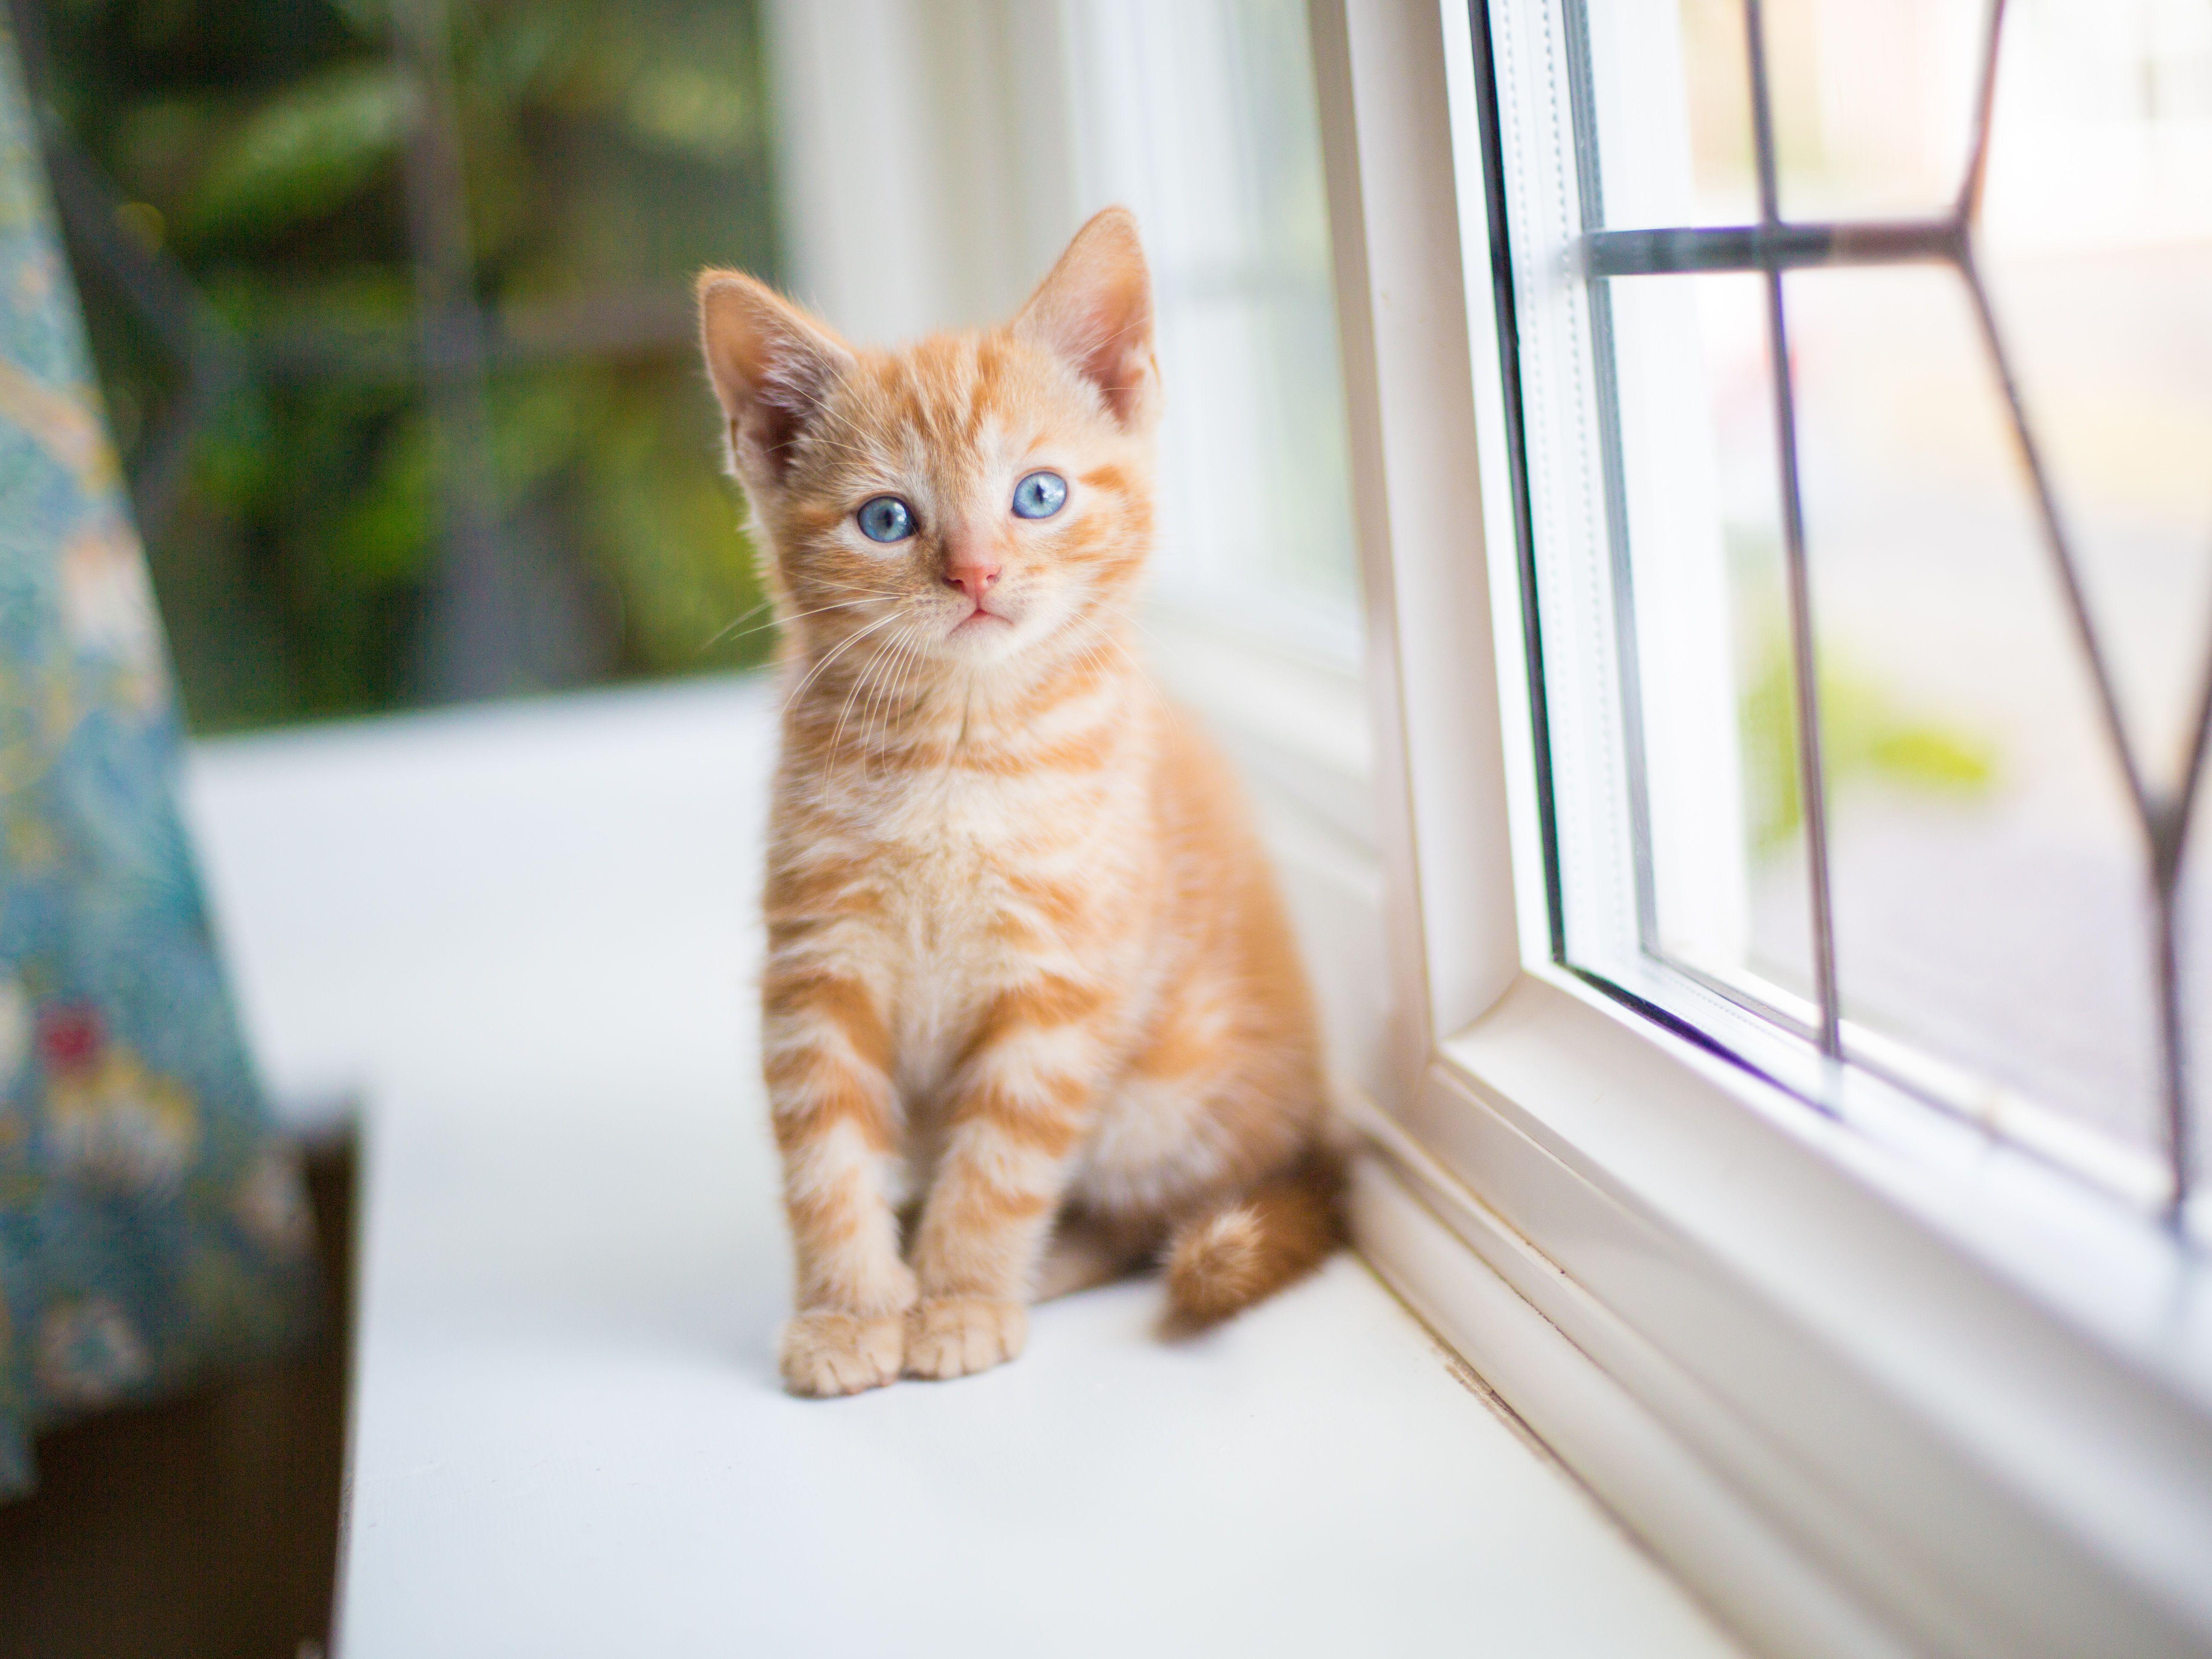 3 Ways To Determine The Gender Of A Kitten